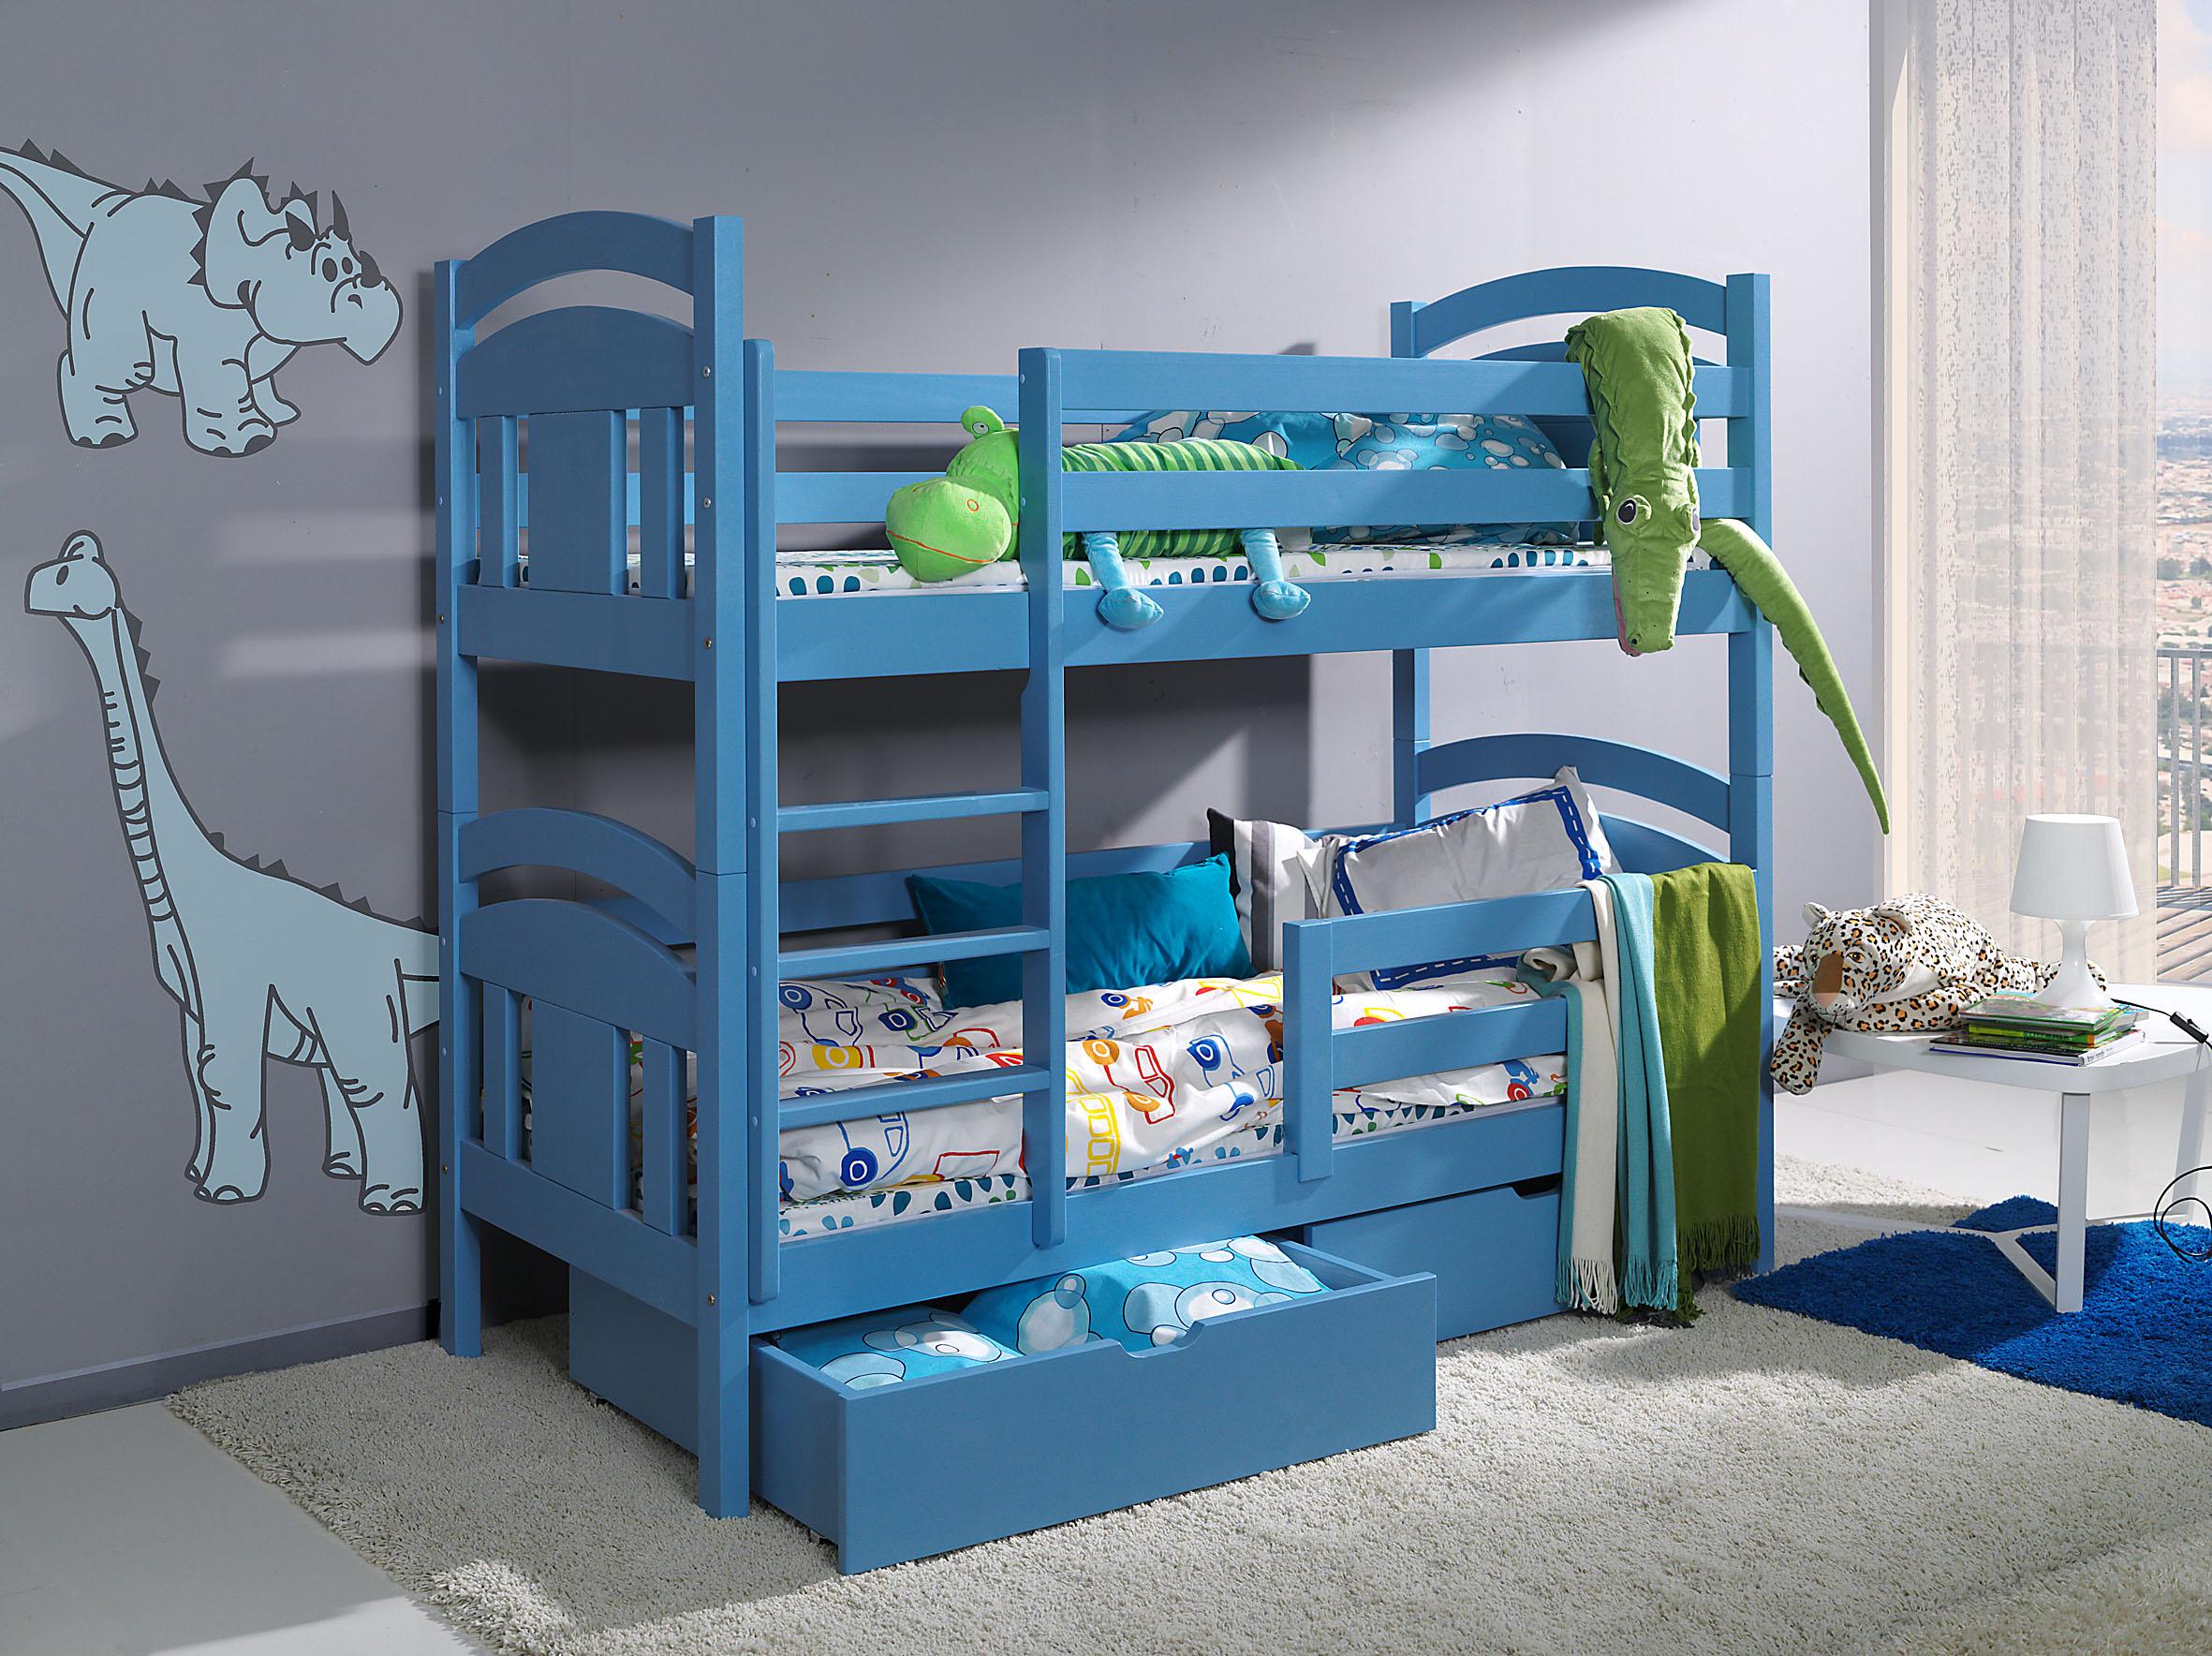 Dětská postel patrová Kristián + doprava zdarma Dětská postel